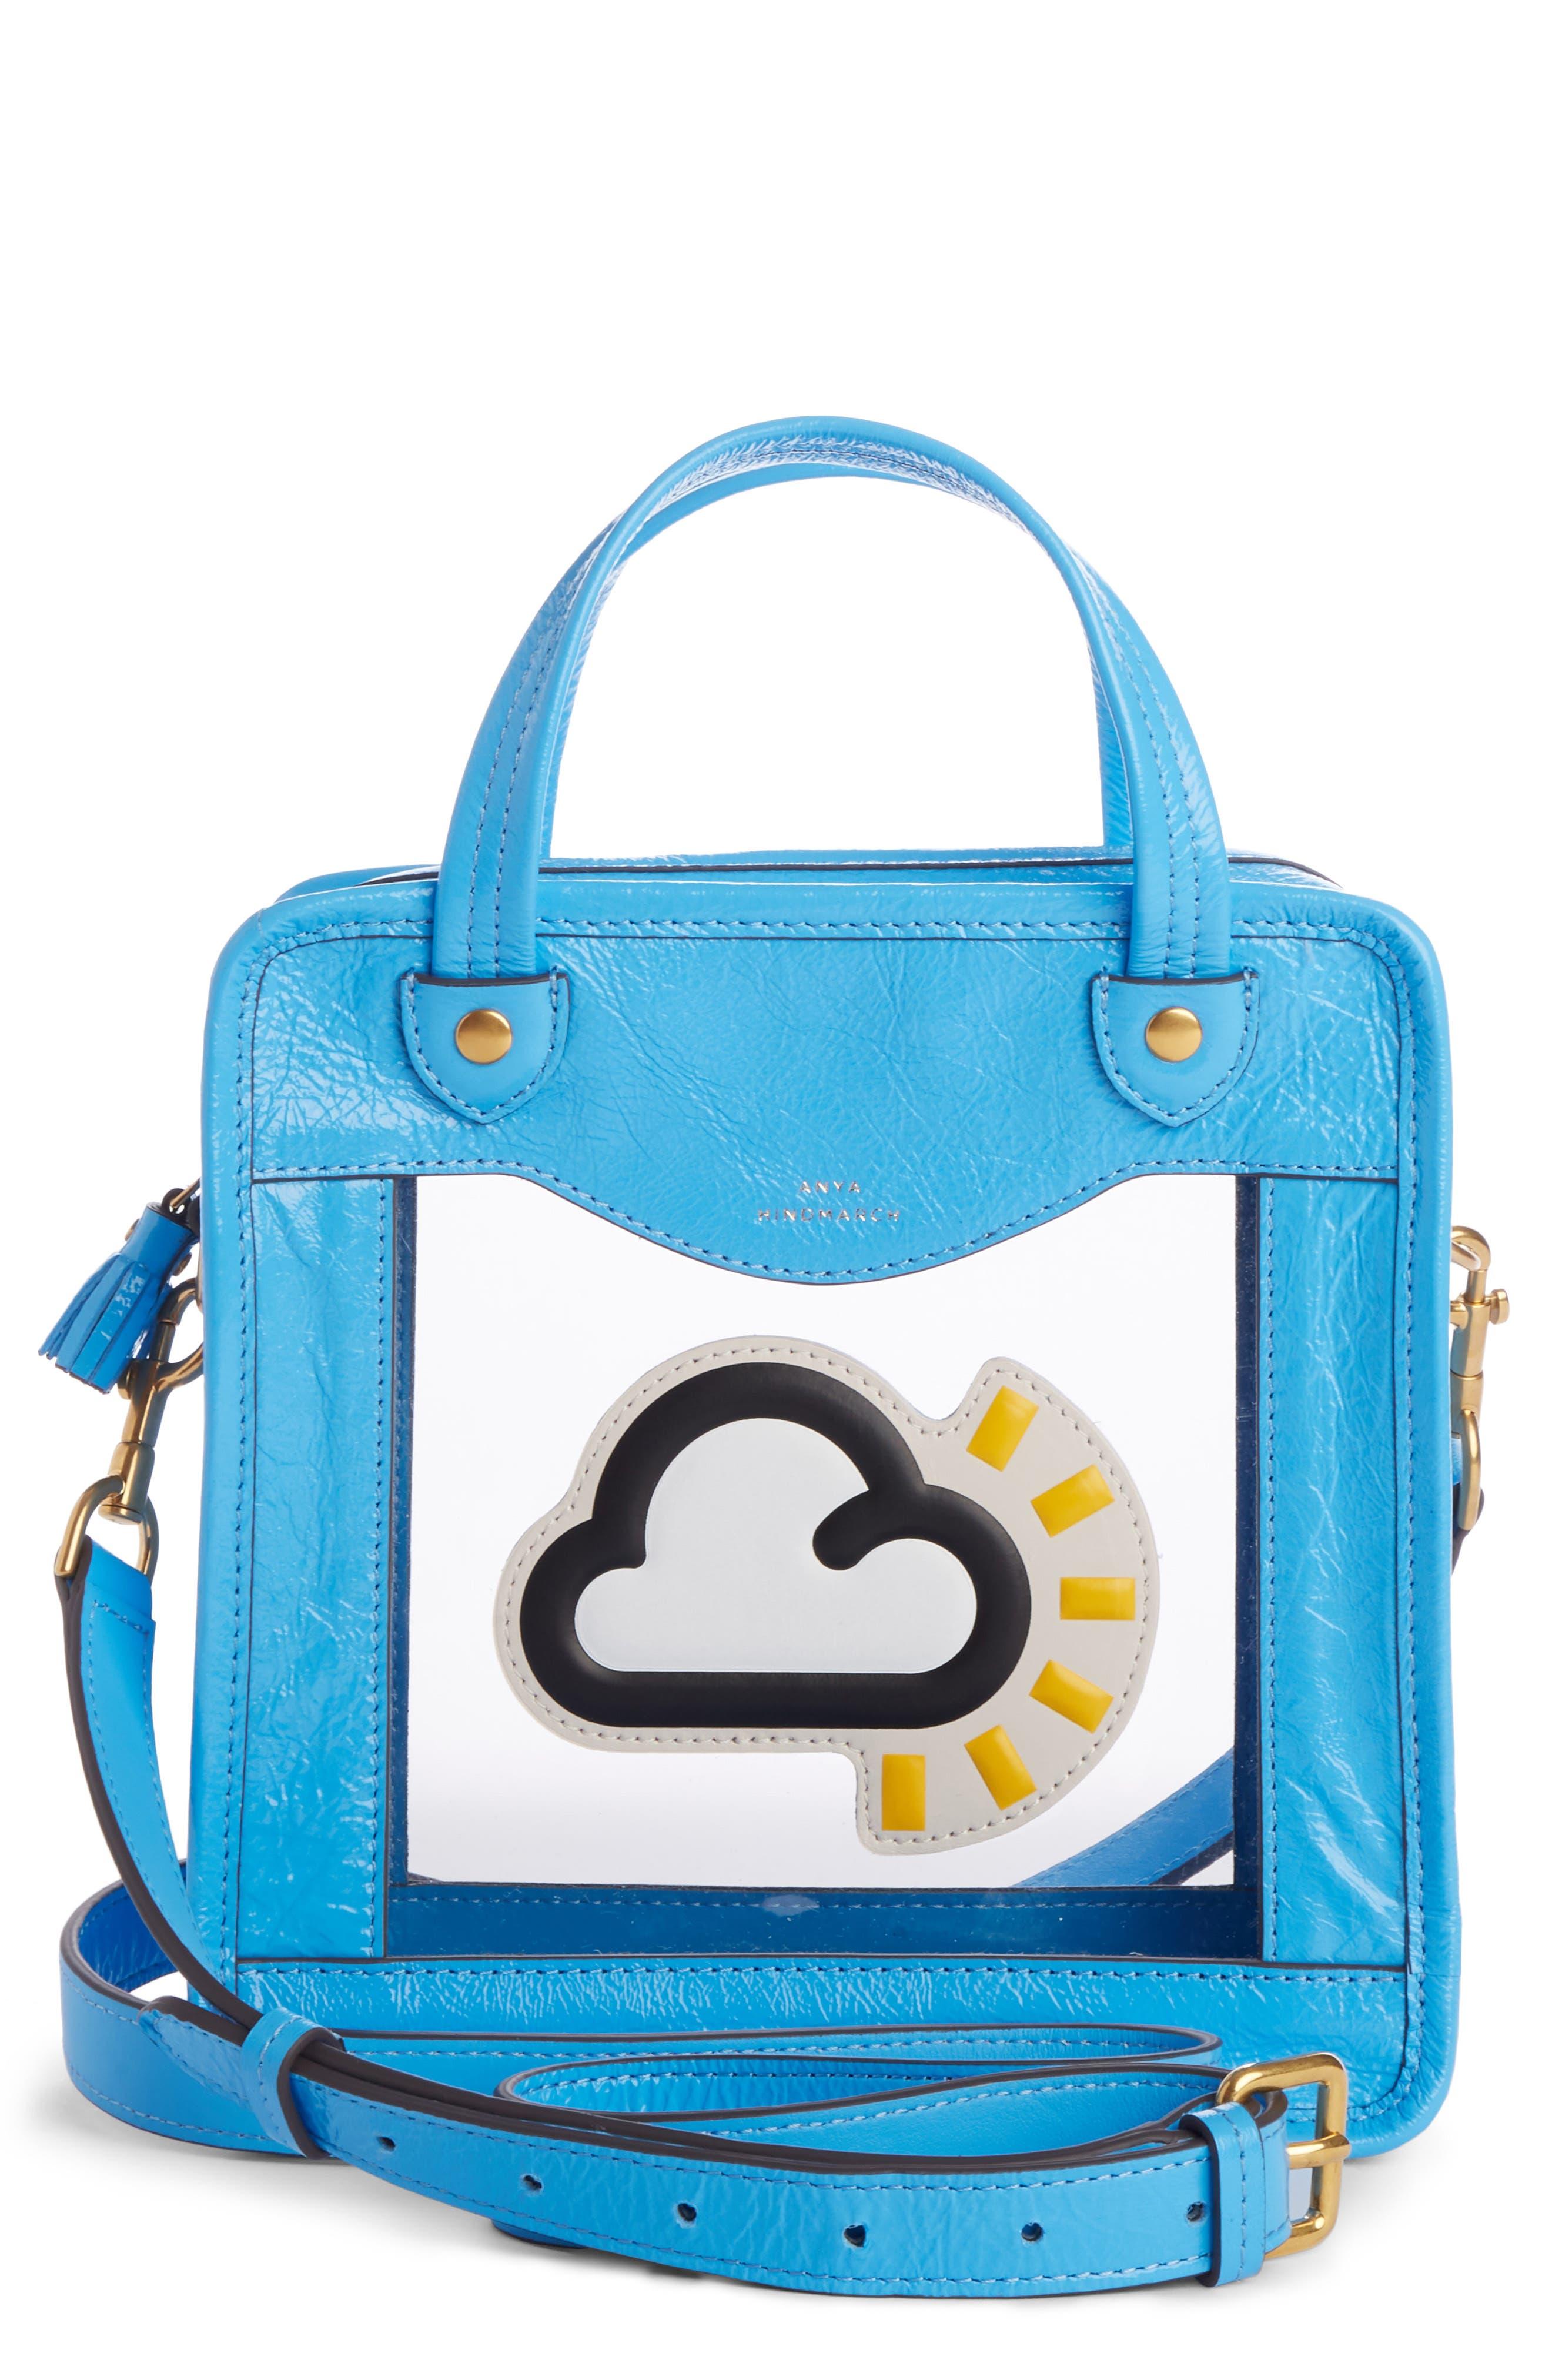 Rainy Day Crossbody Bag,                             Main thumbnail 1, color,                             400